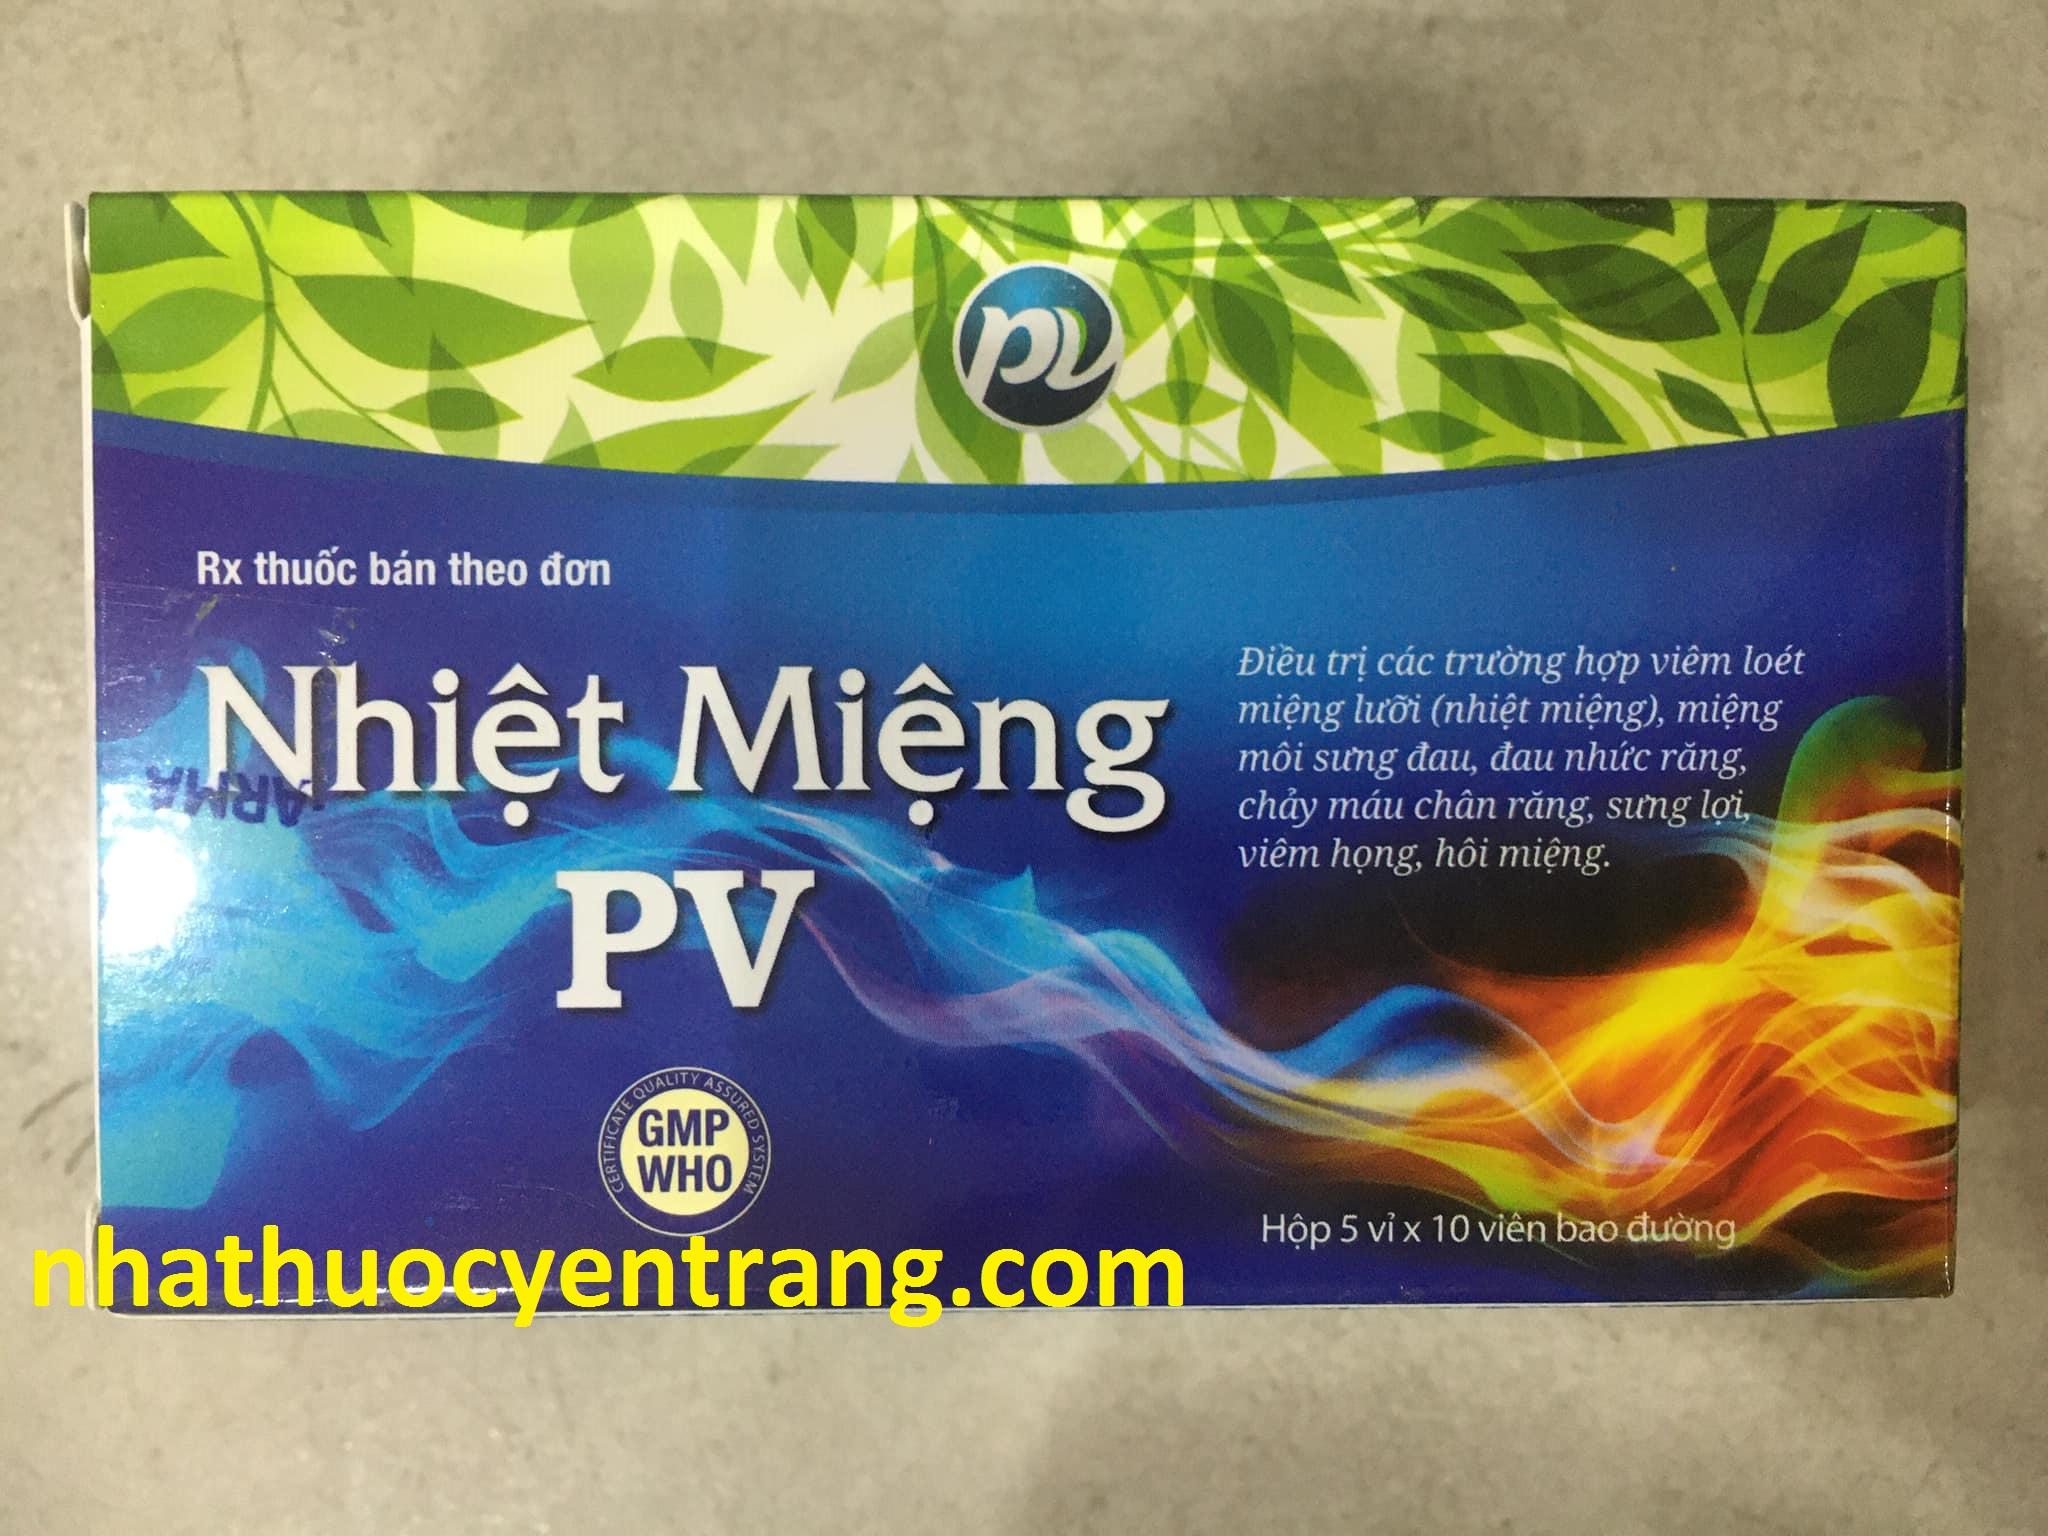 Nhiệt miệng PV (vỉ)